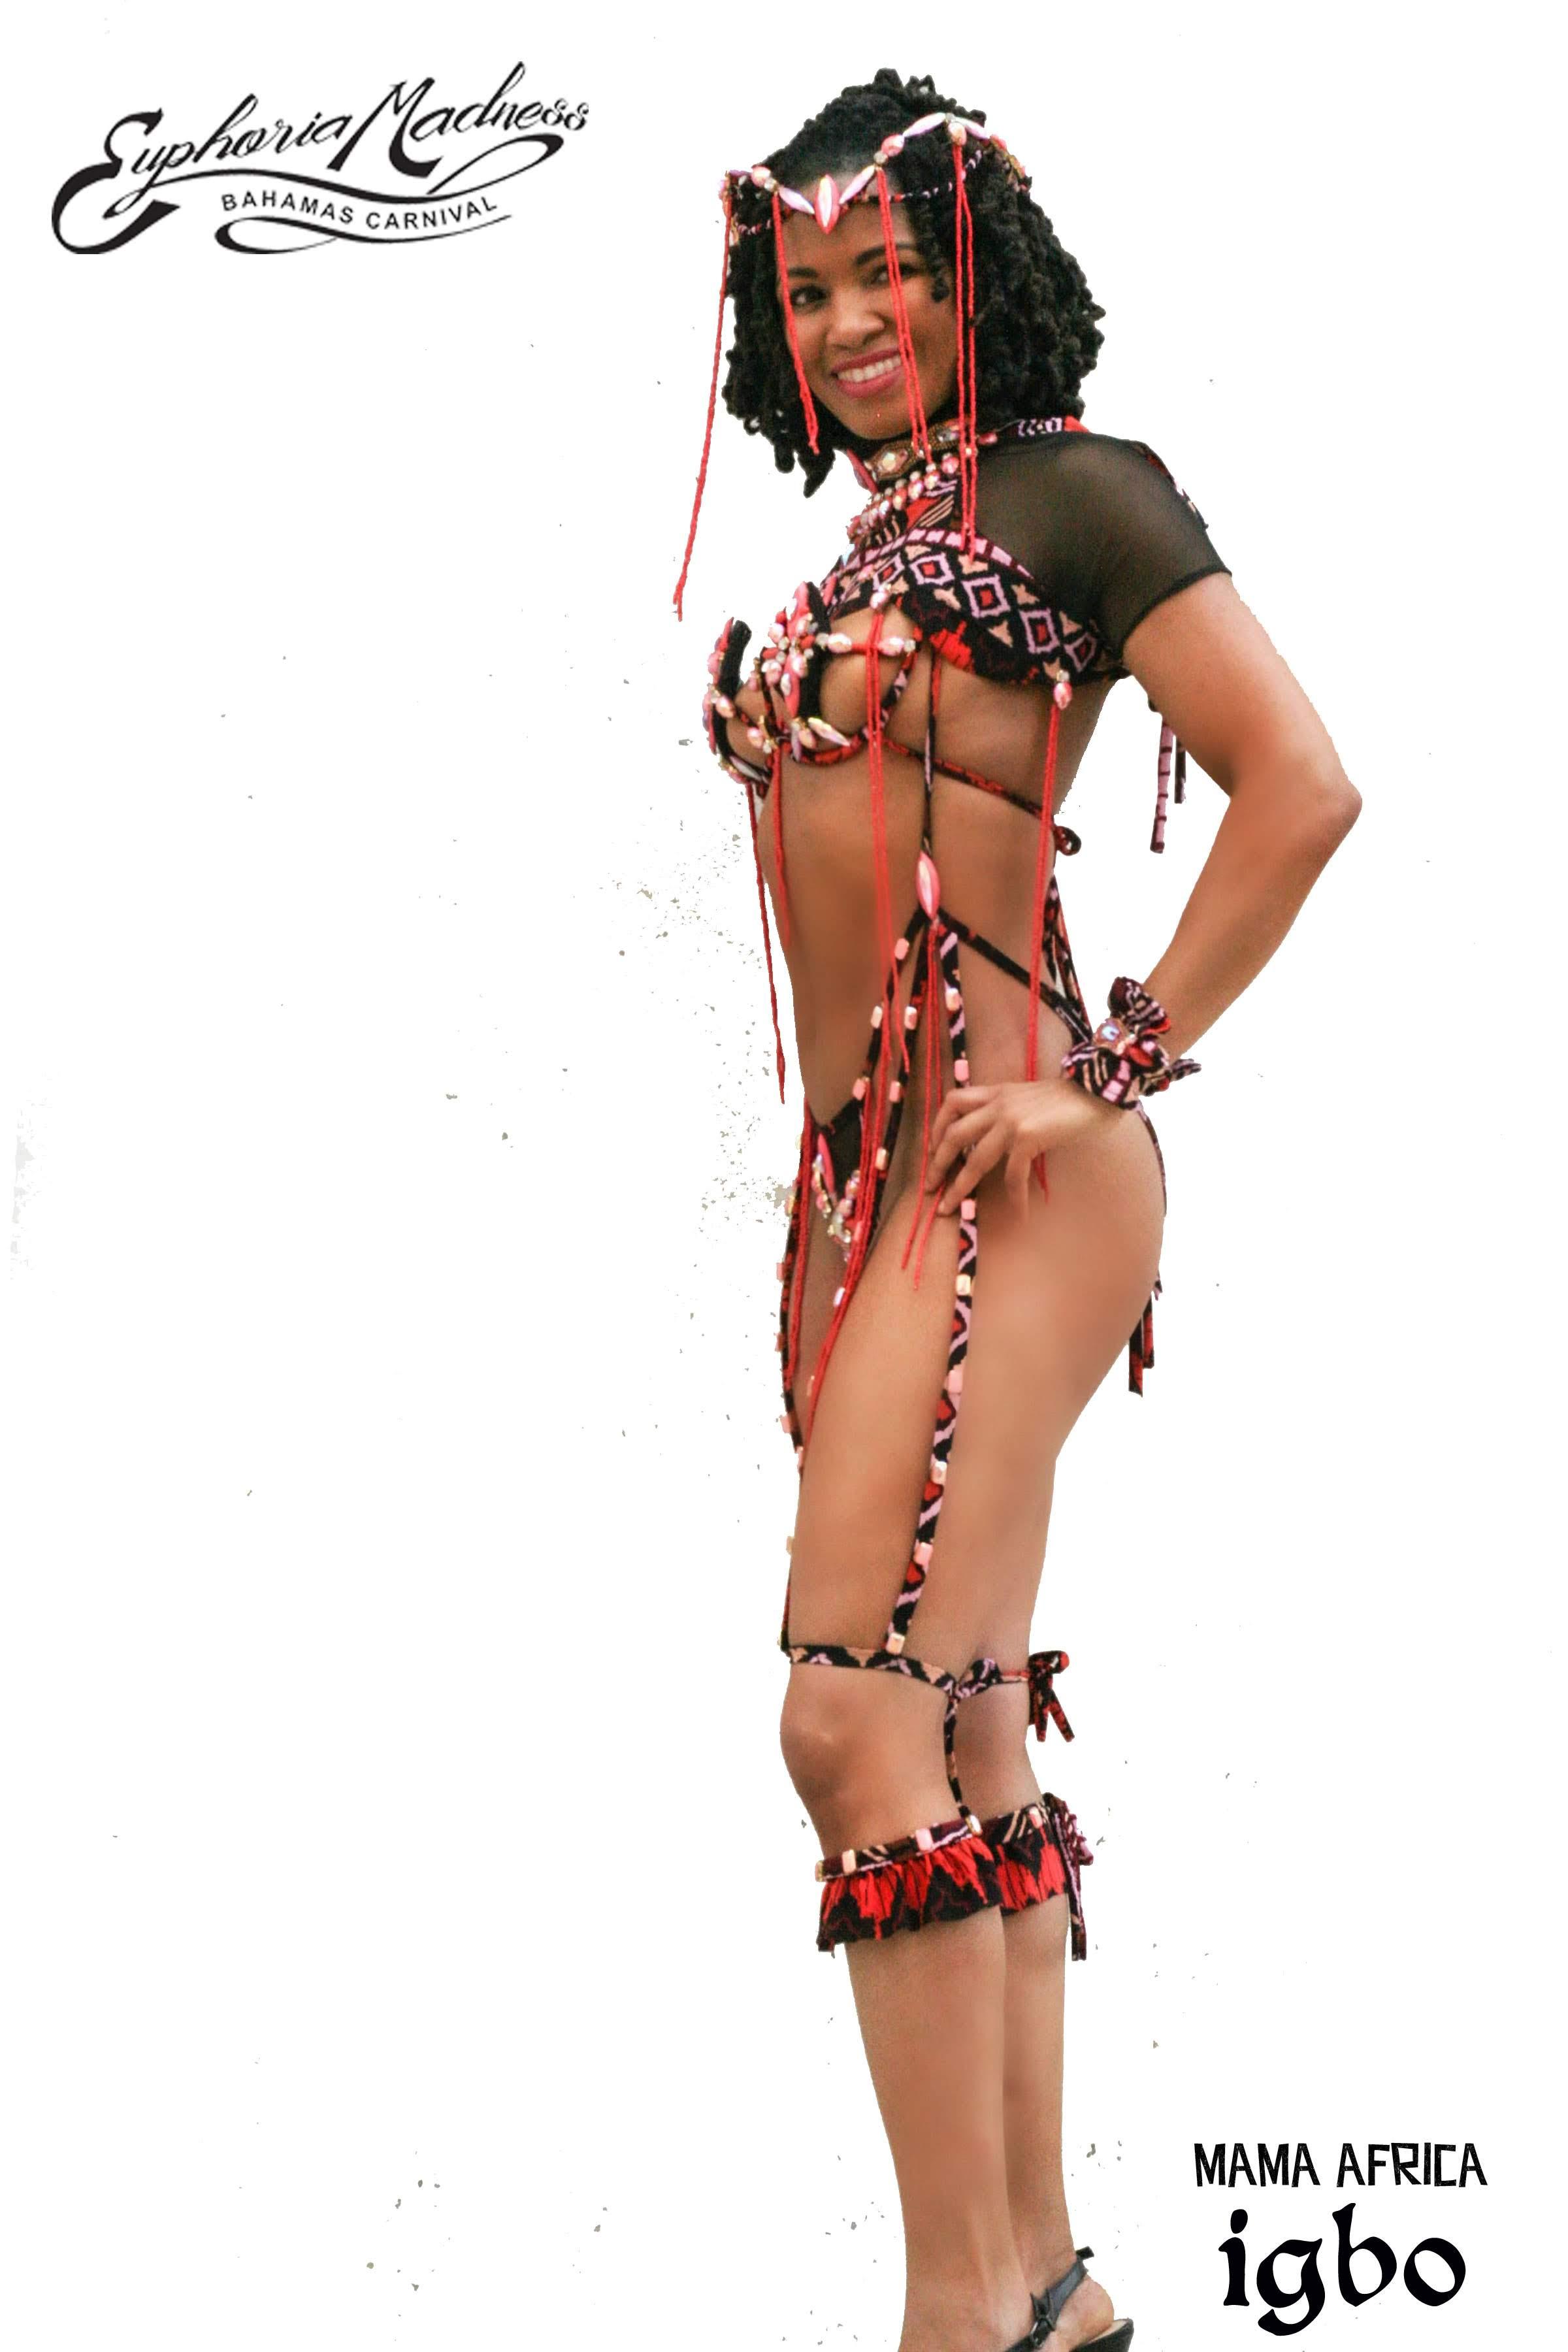 igbo wire bra